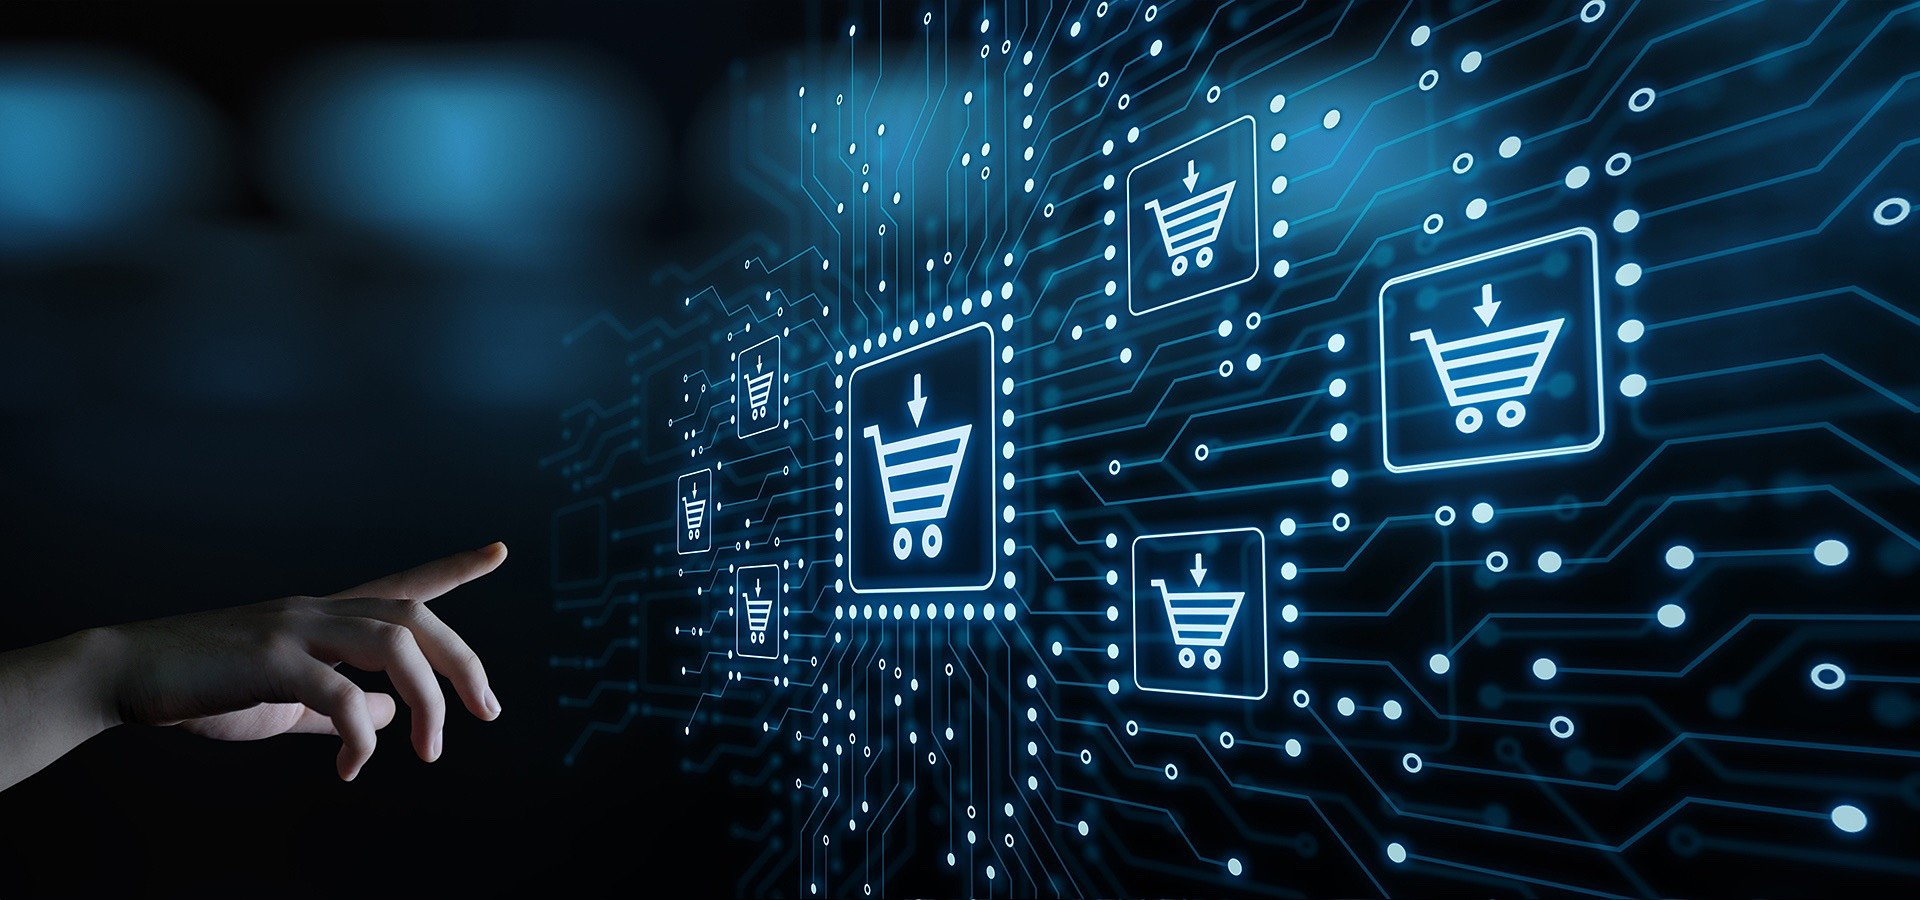 Jak przygotować się na zwiększoną sprzedaż w kanale e-commerce?